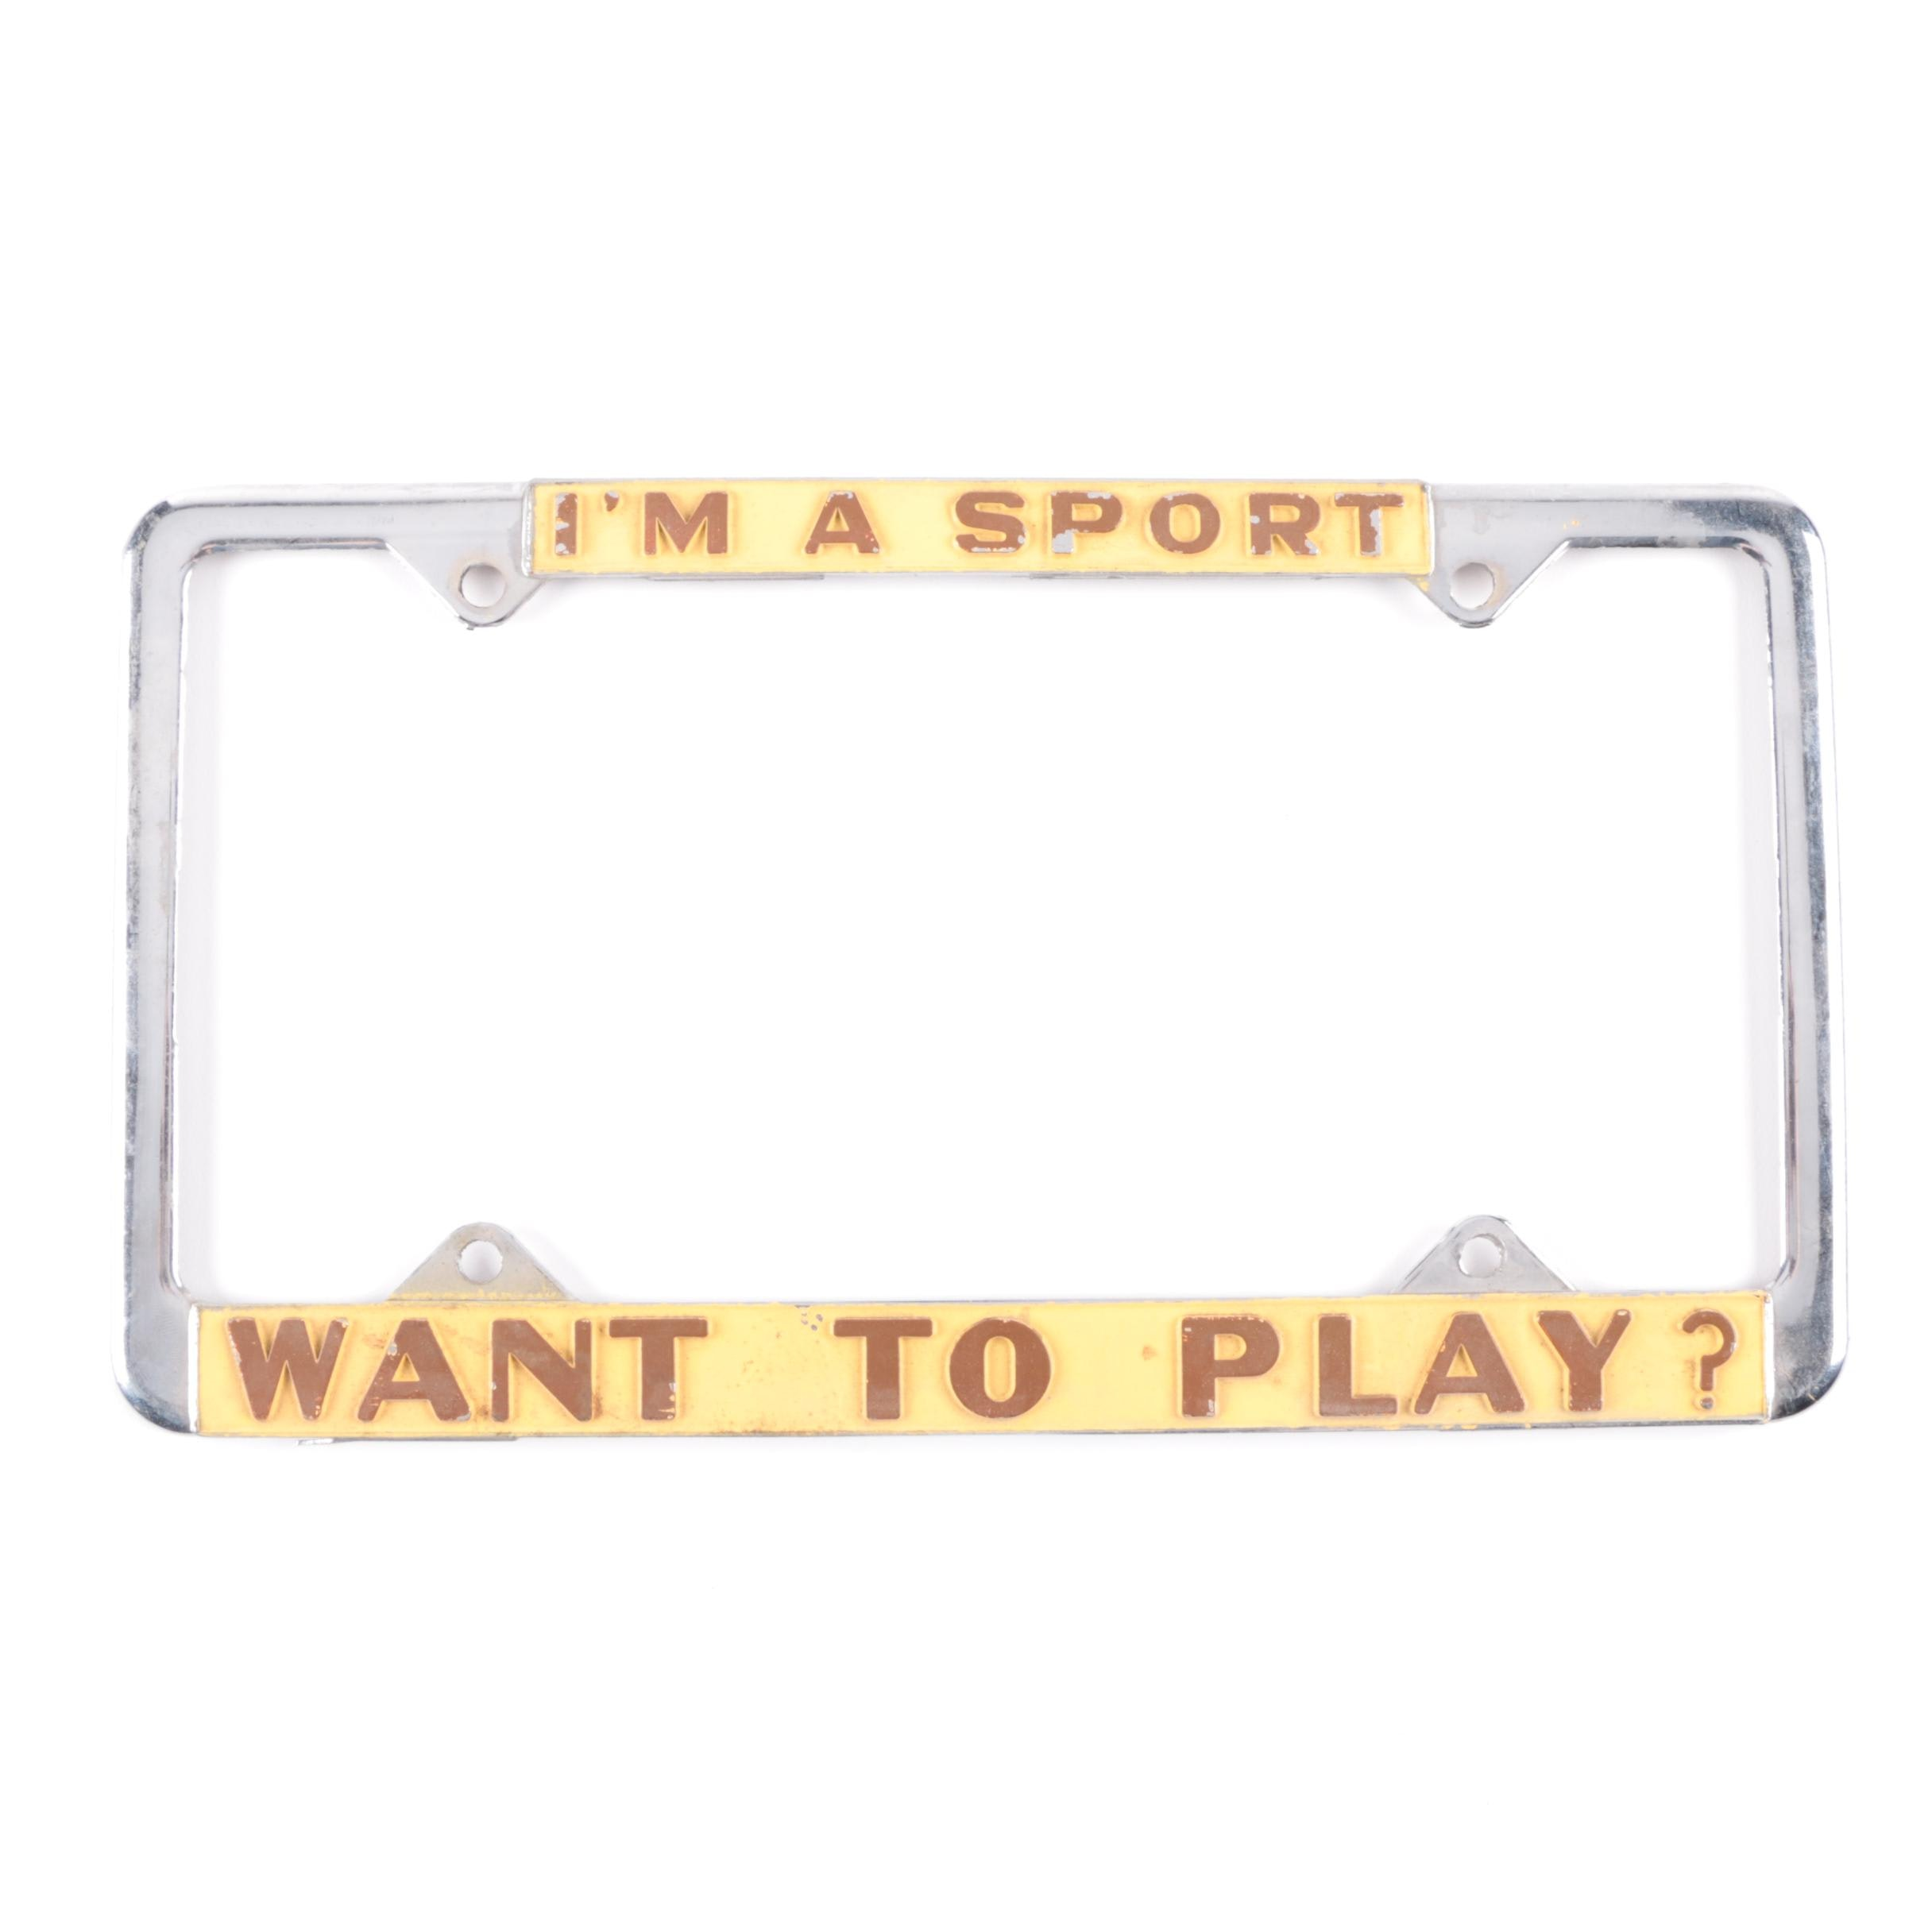 Sport Themed License Plate Frame